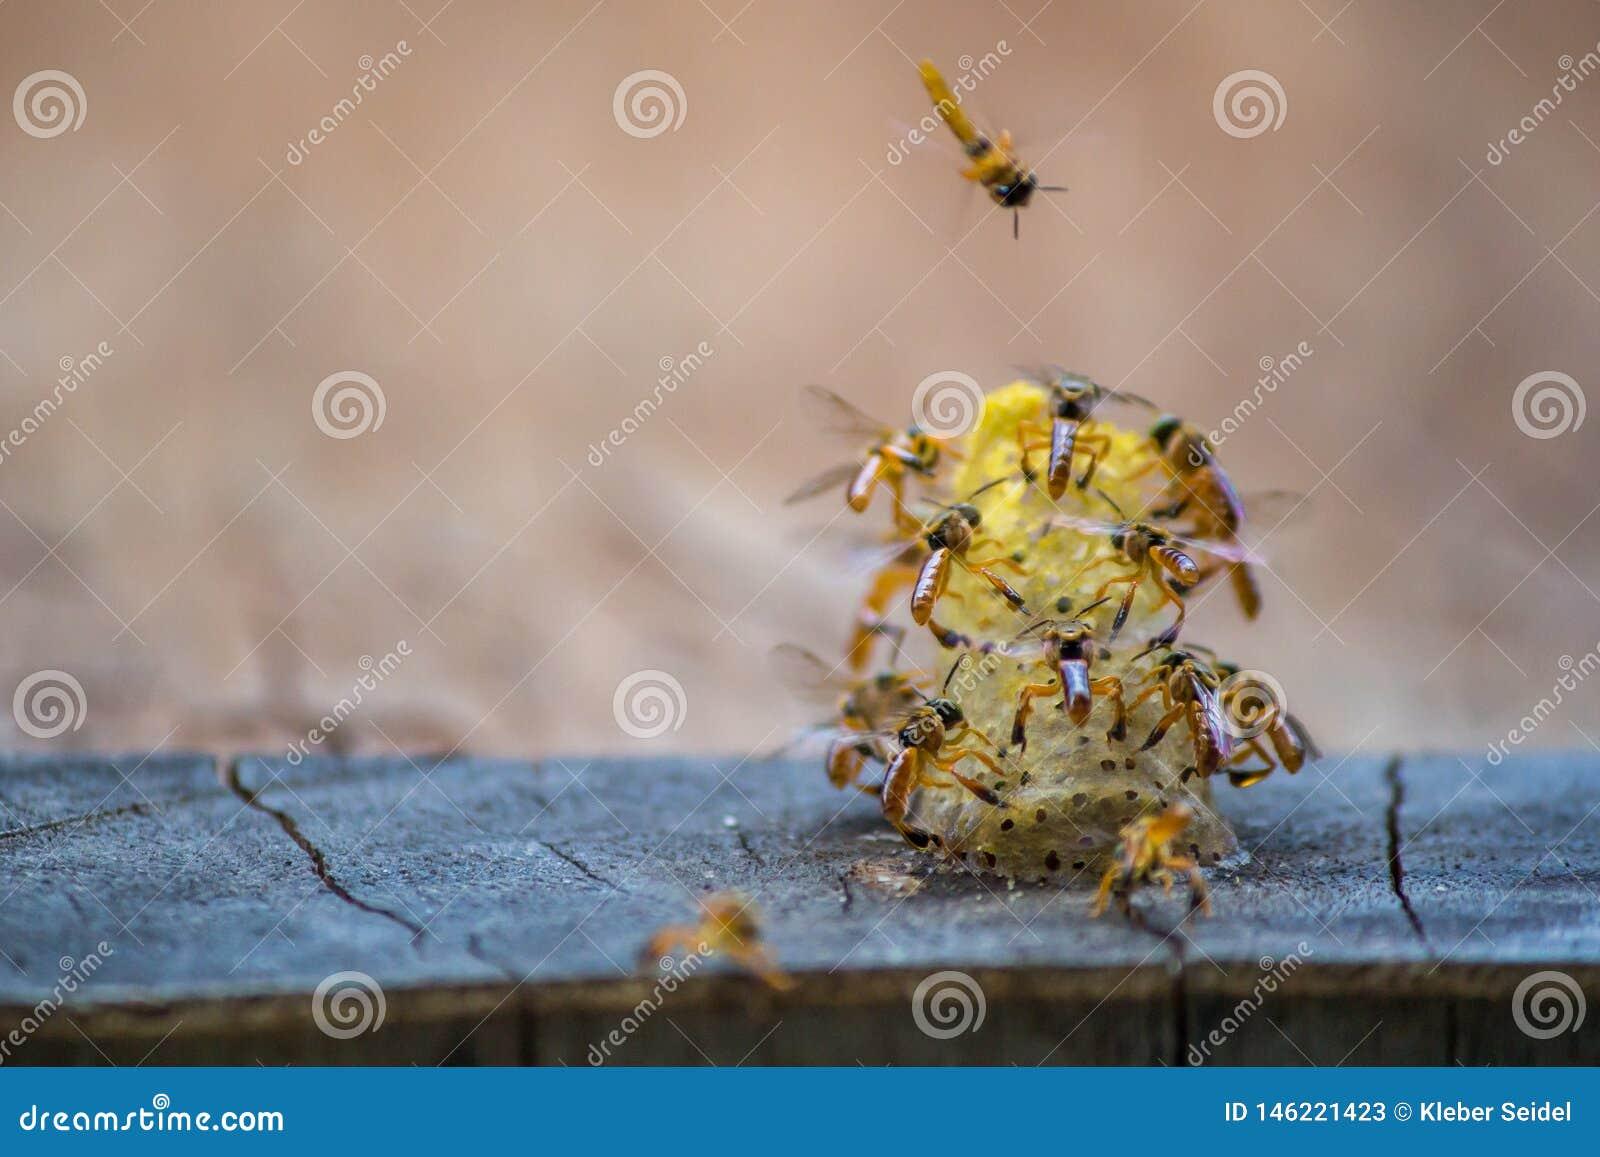 Stingless bin som flyger runt om redet, Stingless bin på redehålet, brun bakgrund, Apinae, Brasilien